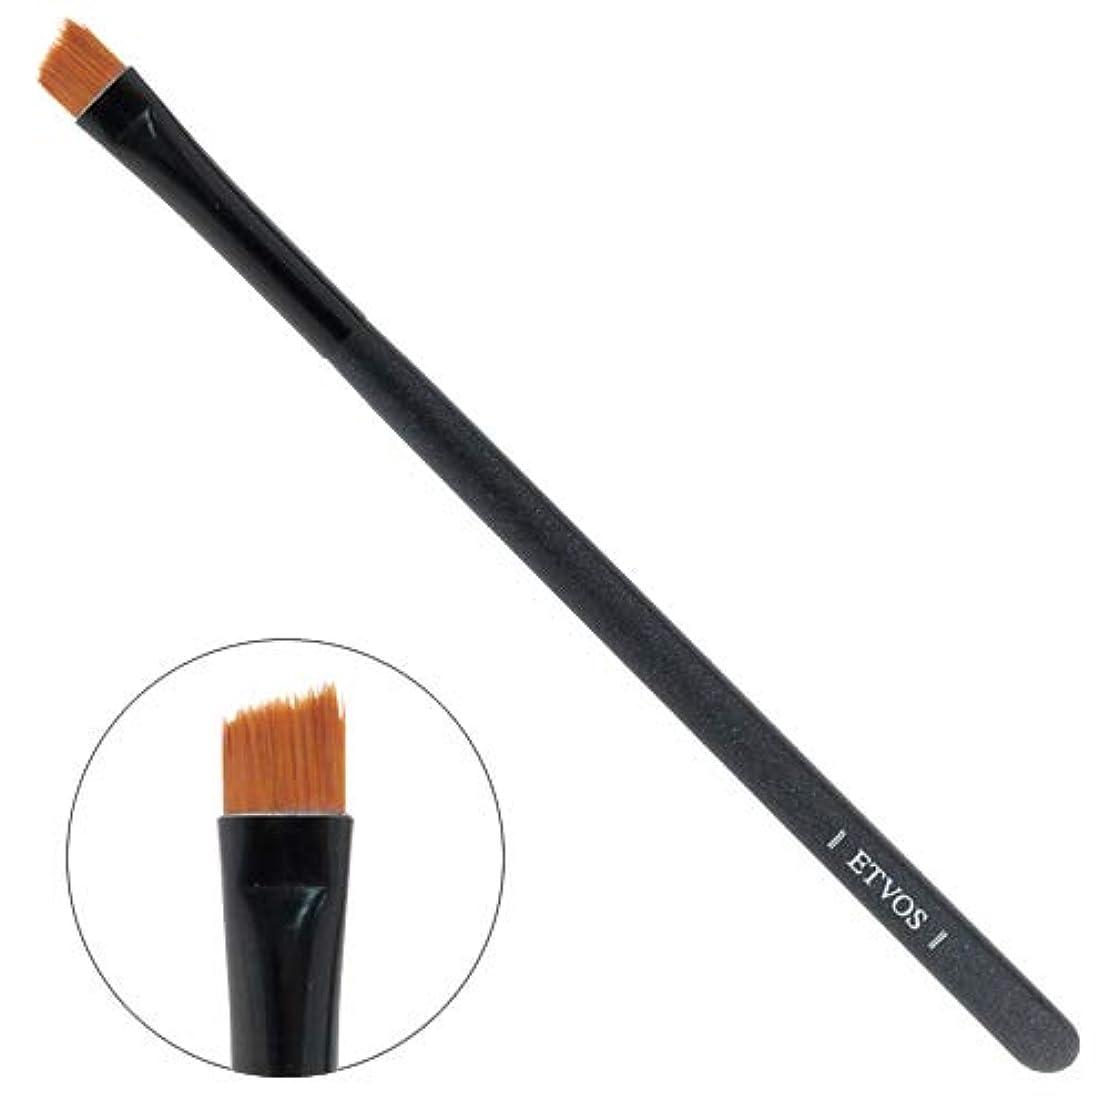 ETVOS(エトヴォス) アイライナーブラシ 毛先を斜めカット/目のキワまでアイラインが引ける化粧筆 12.5cm